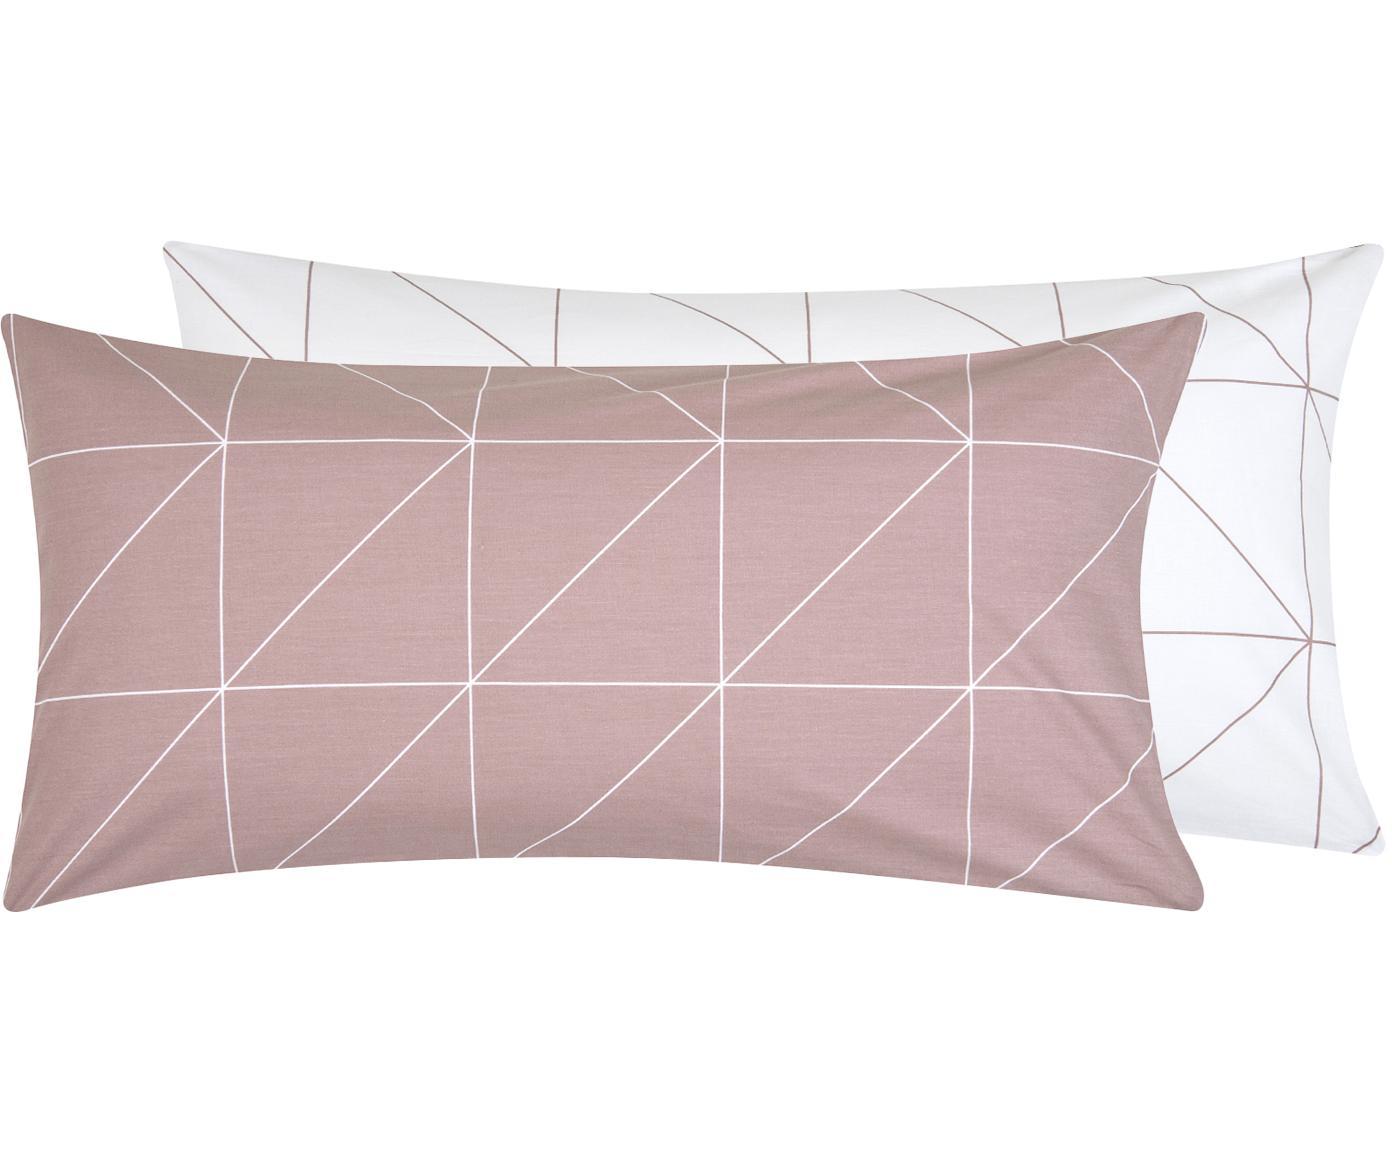 Dwustronna poszewka na poduszkę z bawełny renforcé Marla, 2 szt., Fiołkoworóżowy, biały, S 40 x D 80 cm